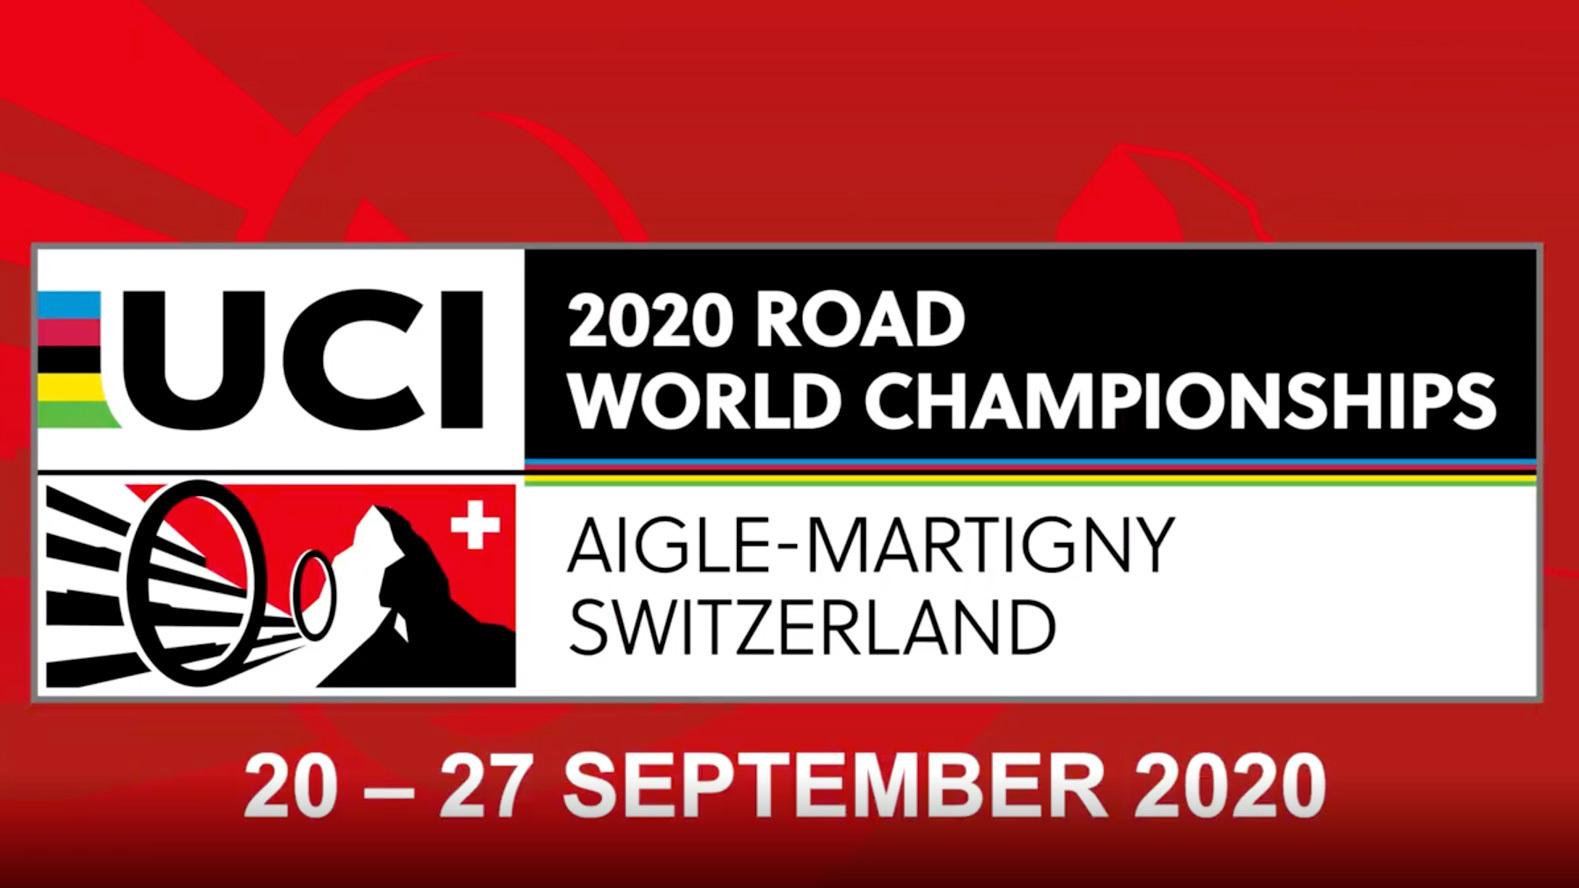 Campeonatos do Mundo de Estrada na Suíça cancelados, UCI procura alternativas